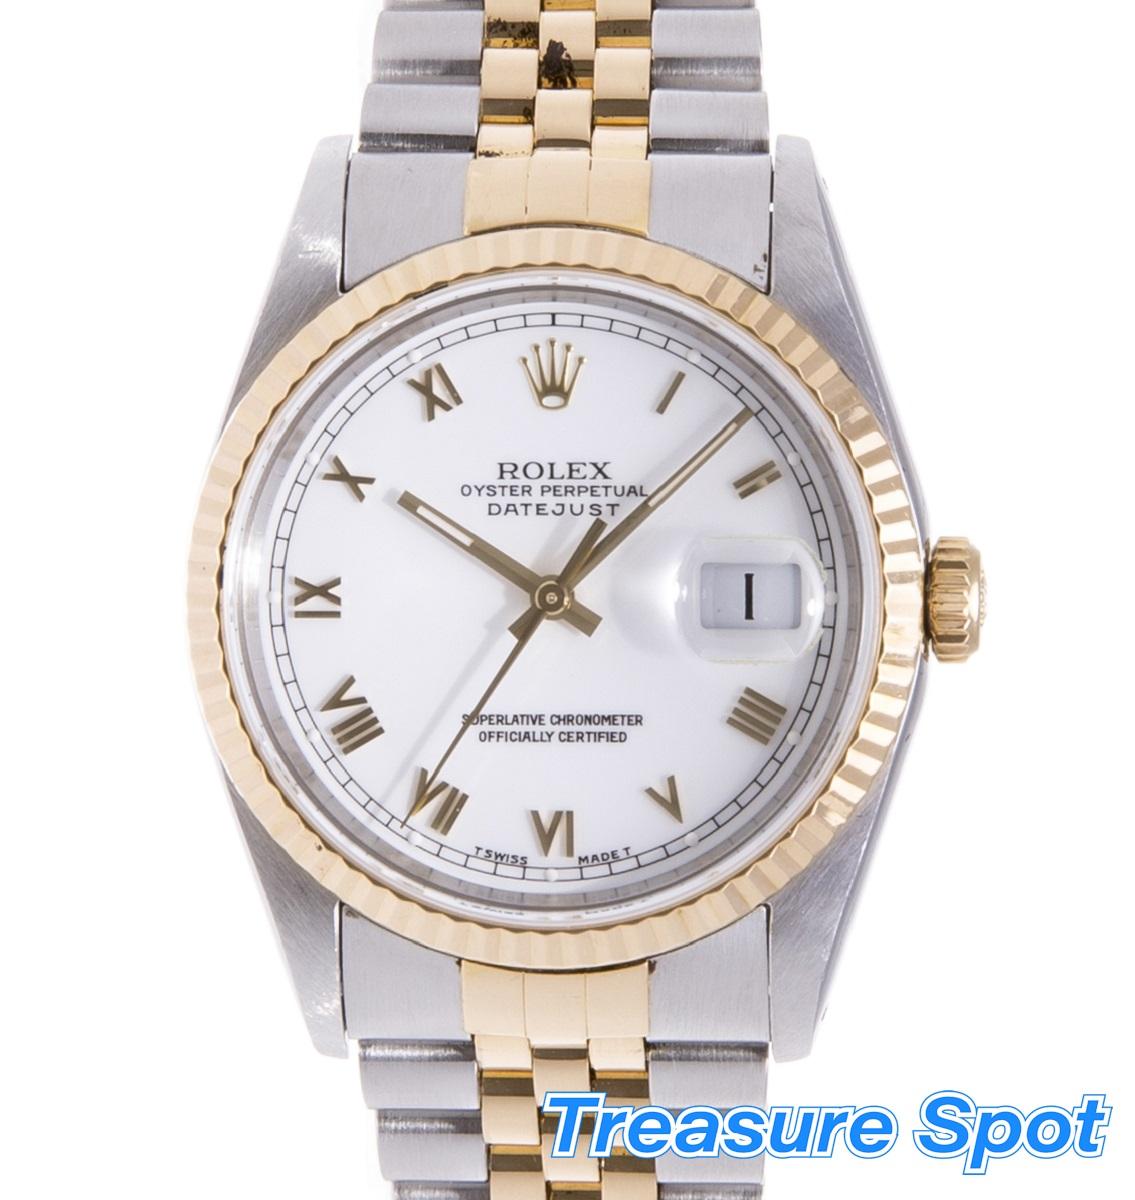 ROLEX ロレックス 16233 デイトジャスト SS/YG  メンズ 1991年 自動巻き AT メンズ 腕時計 送料無料【トレジャースポット】【中古】